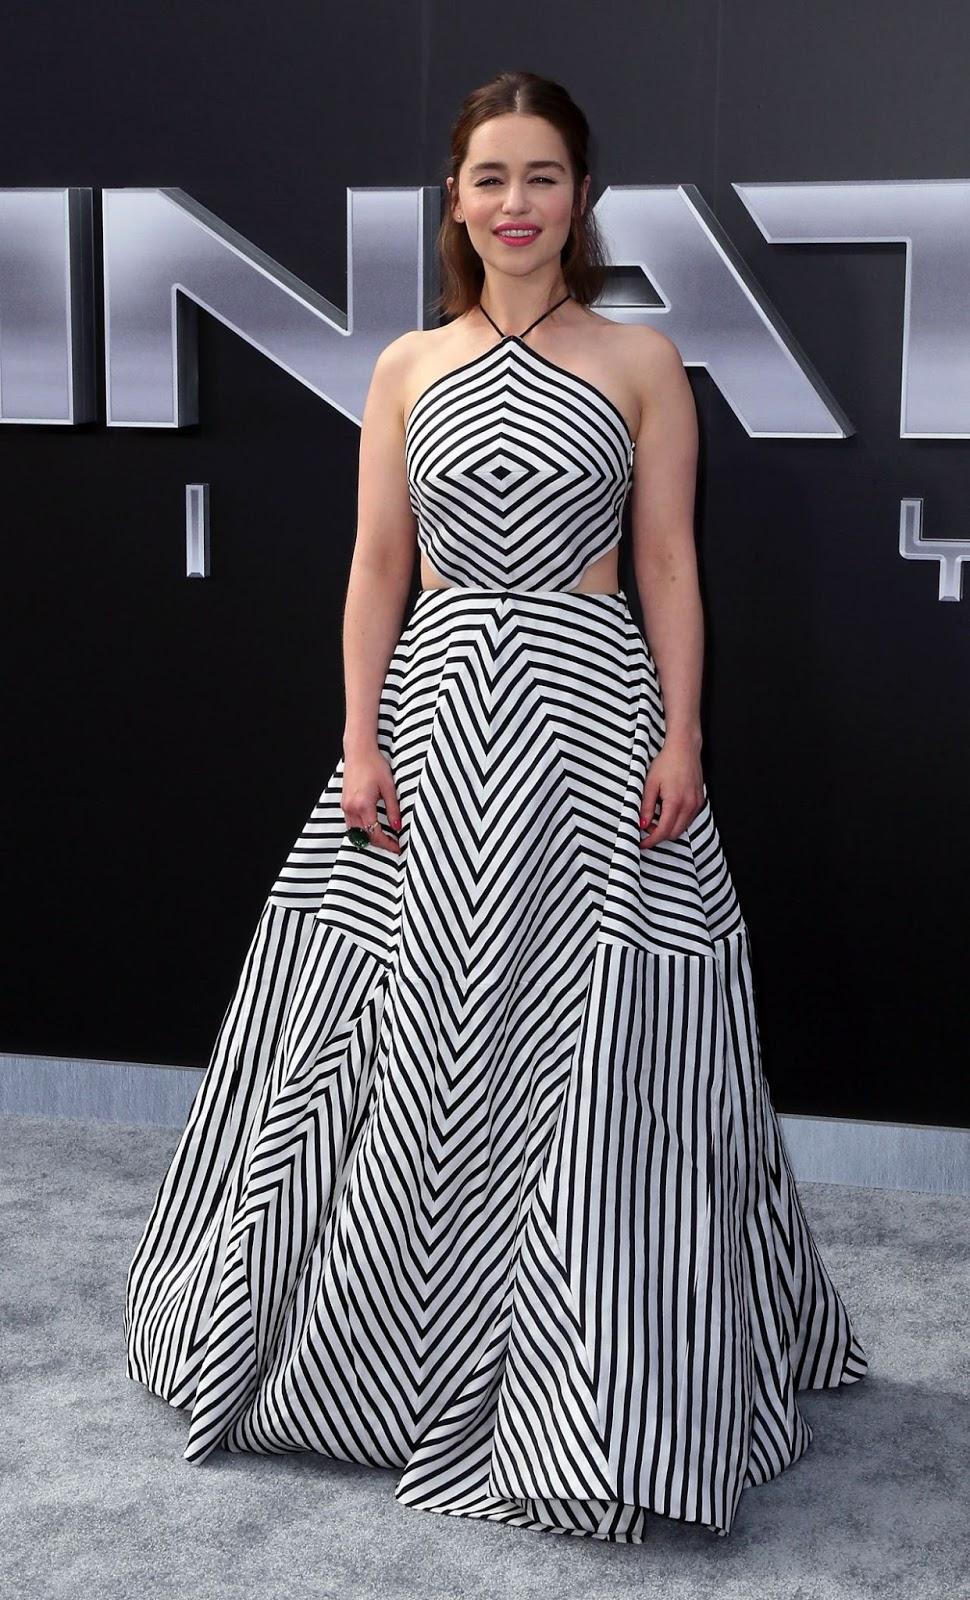 Emilia Clarke shows skin in a striped dress at the ...